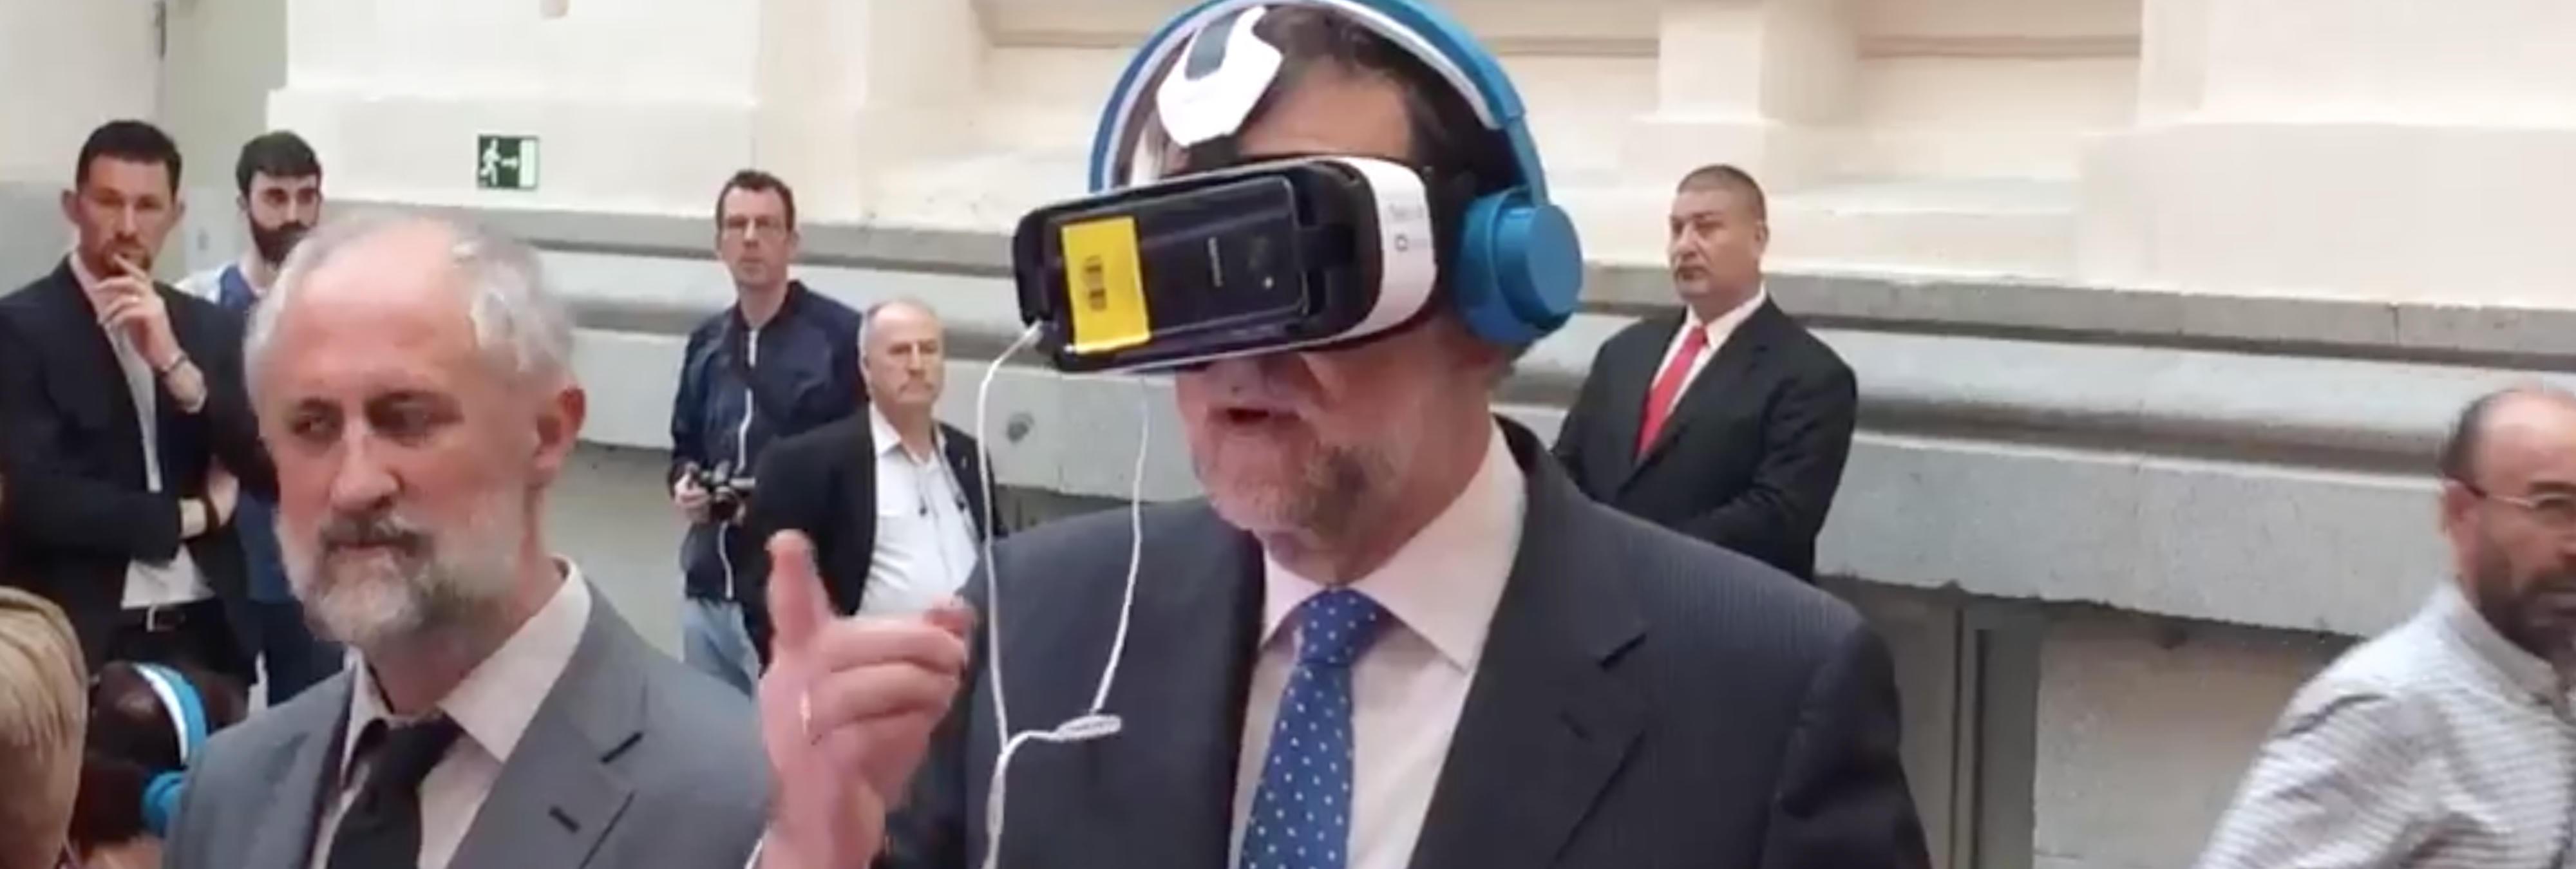 Los mejores memes de Rajoy probando las gafas de realidad virtual